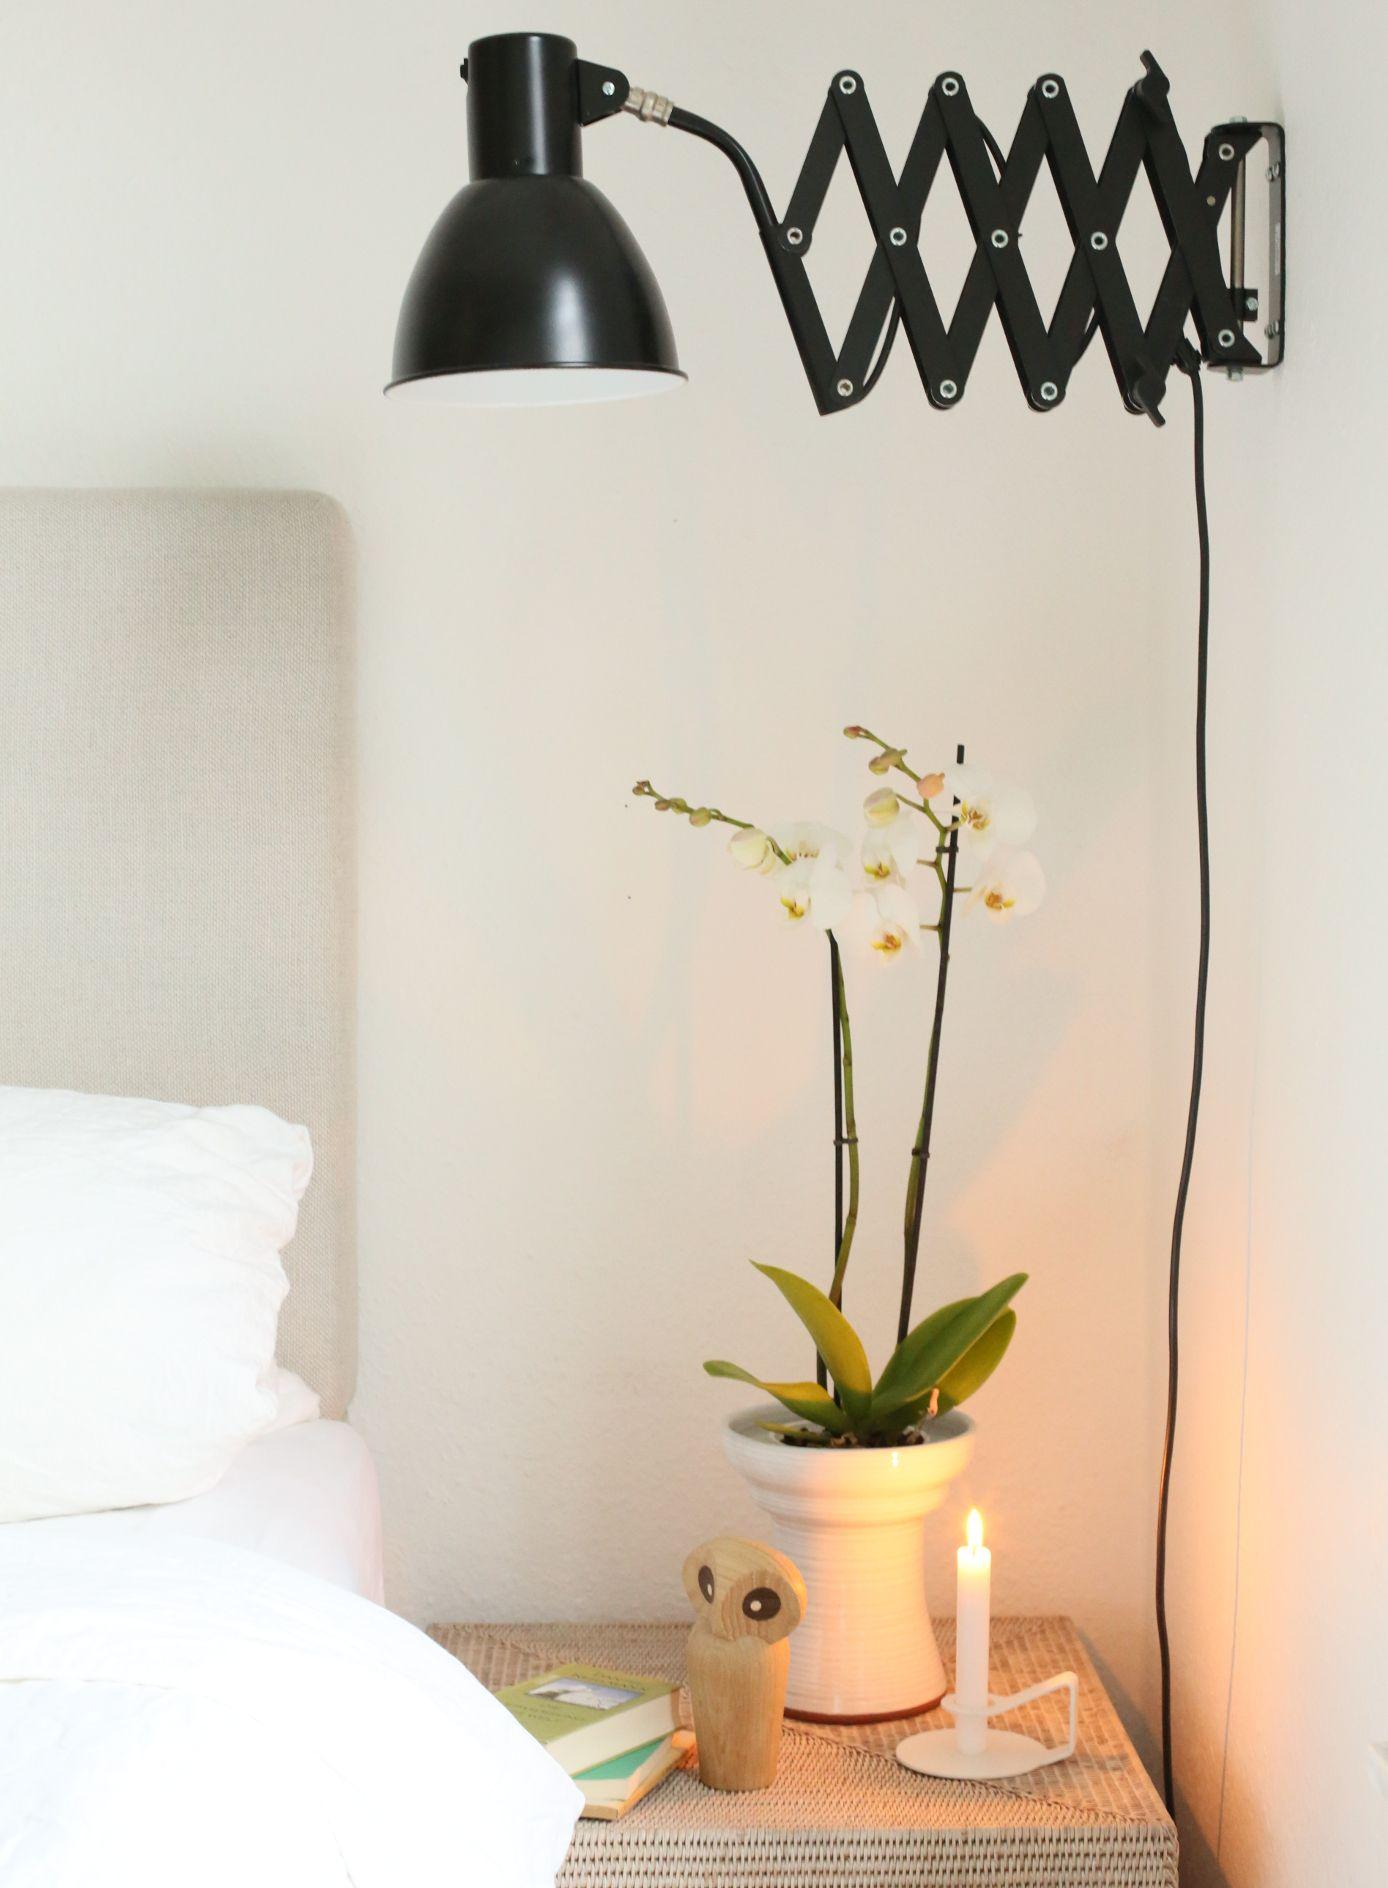 Tolle pretty inspiration ideas schlafzimmer wandlampe - Wandlampe bett ...